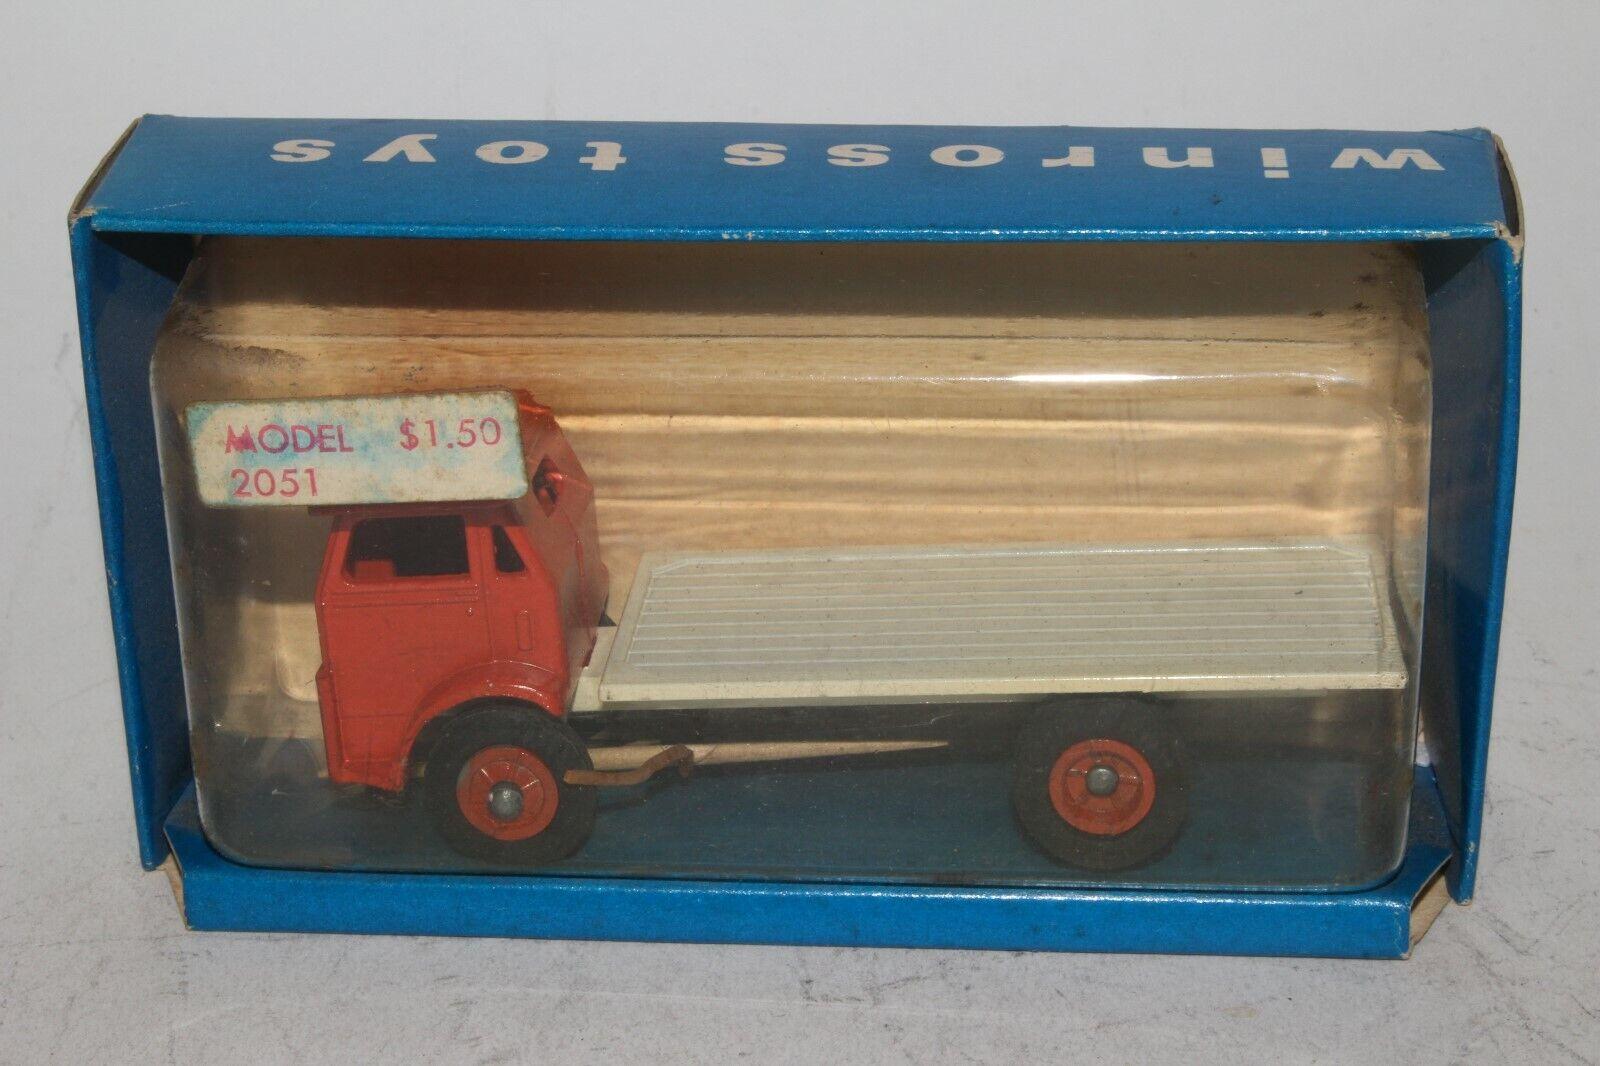 Winross década de 1960 blancoo camión Cabover plano Camión, buen En Caja